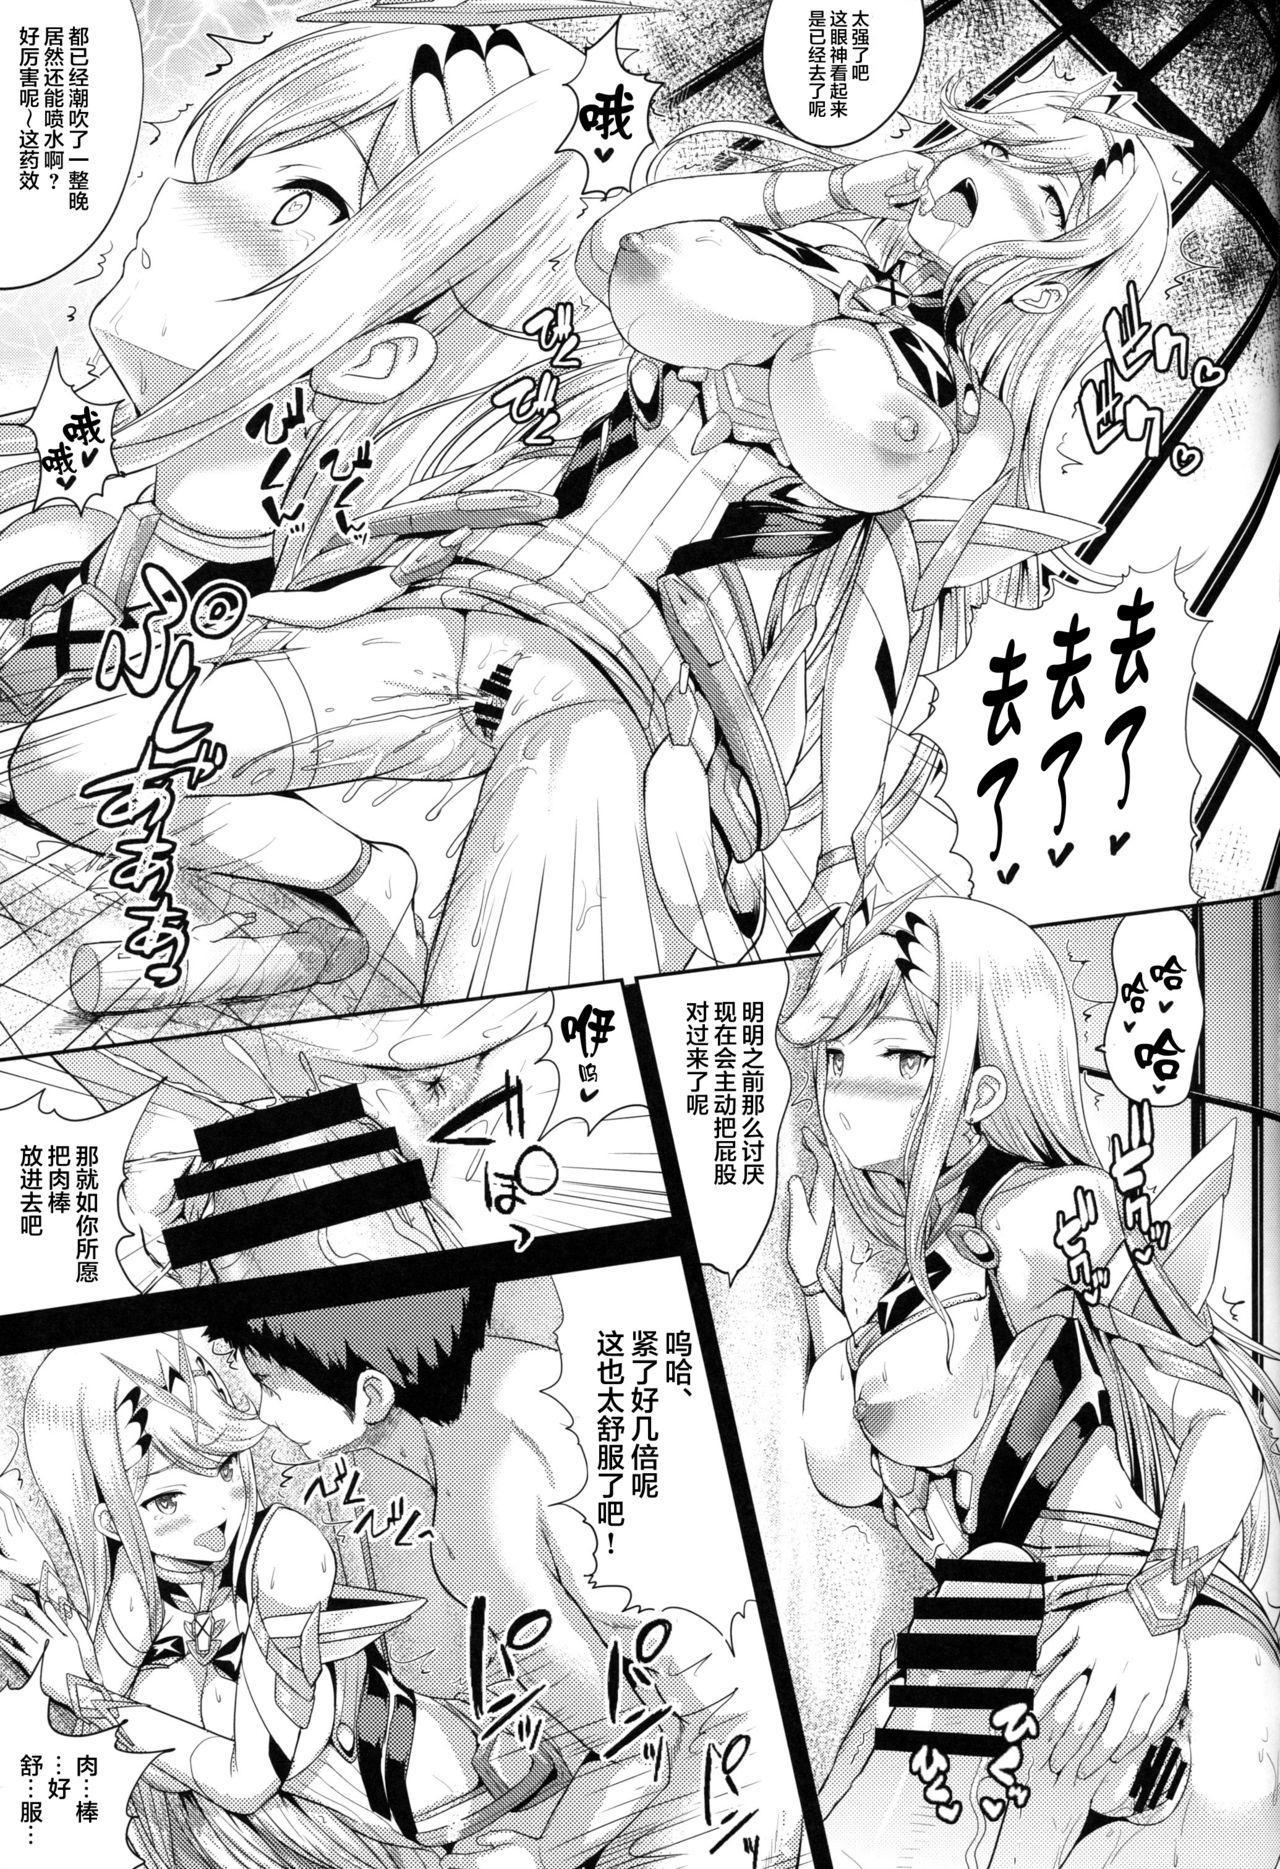 Hikari x Rape 18